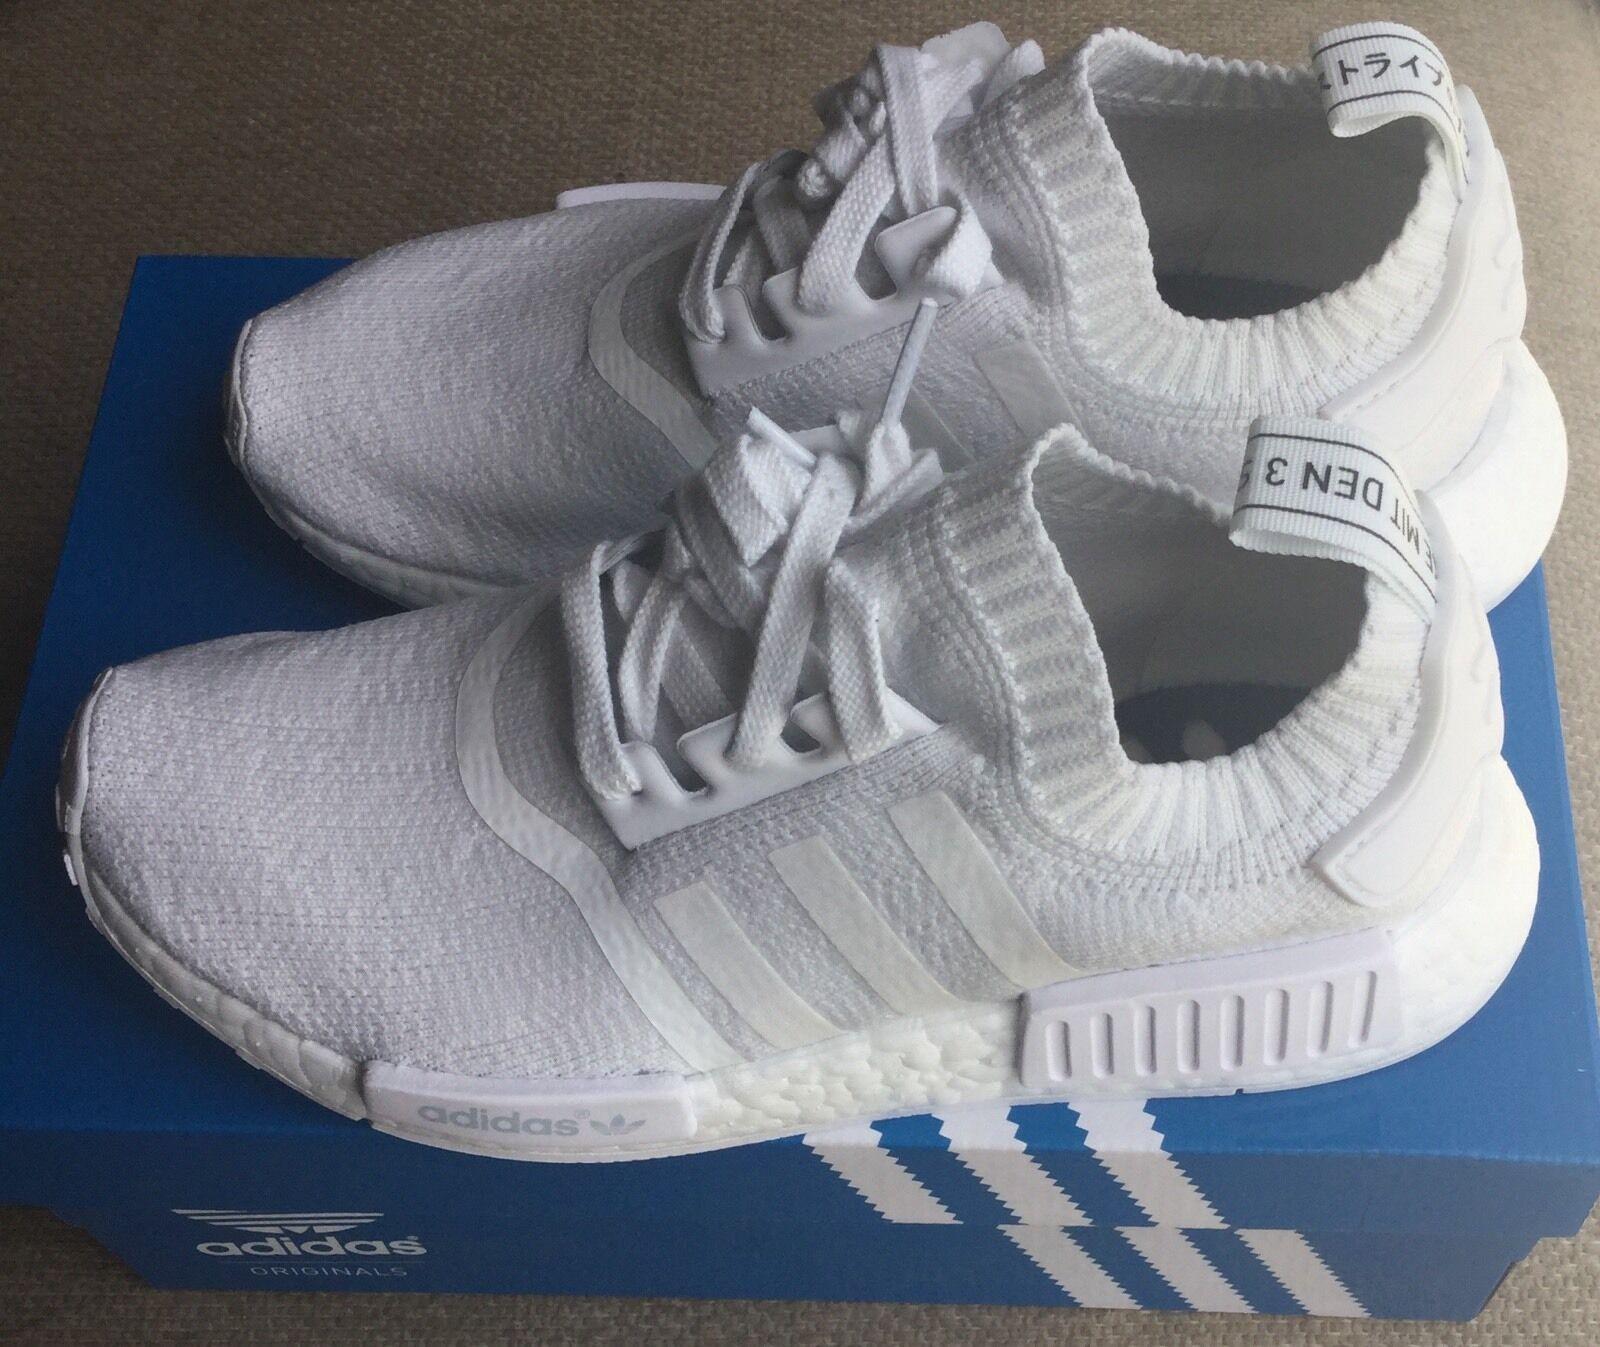 Adidas nmd primeknit monochrome vintage weiße ba8630 größe 6 männer